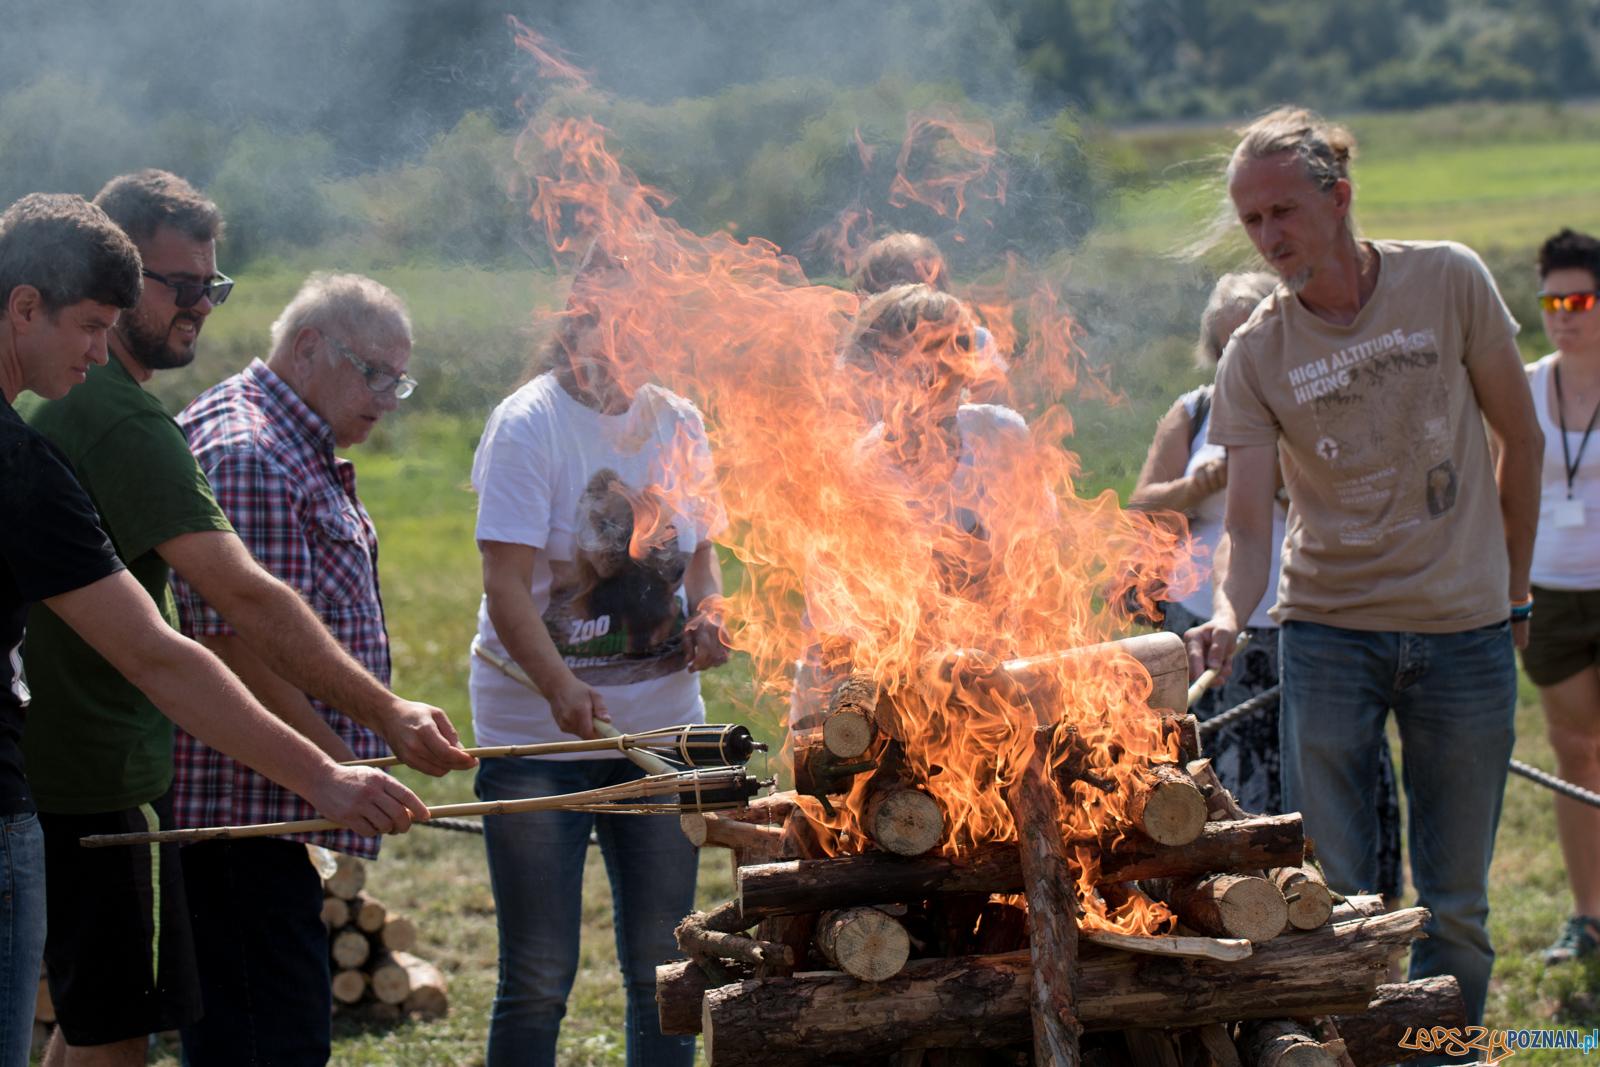 Spalenie kła słonia Ninio  Foto: lepszyPOZNAN.pl / Ewelina Jaśkowiak